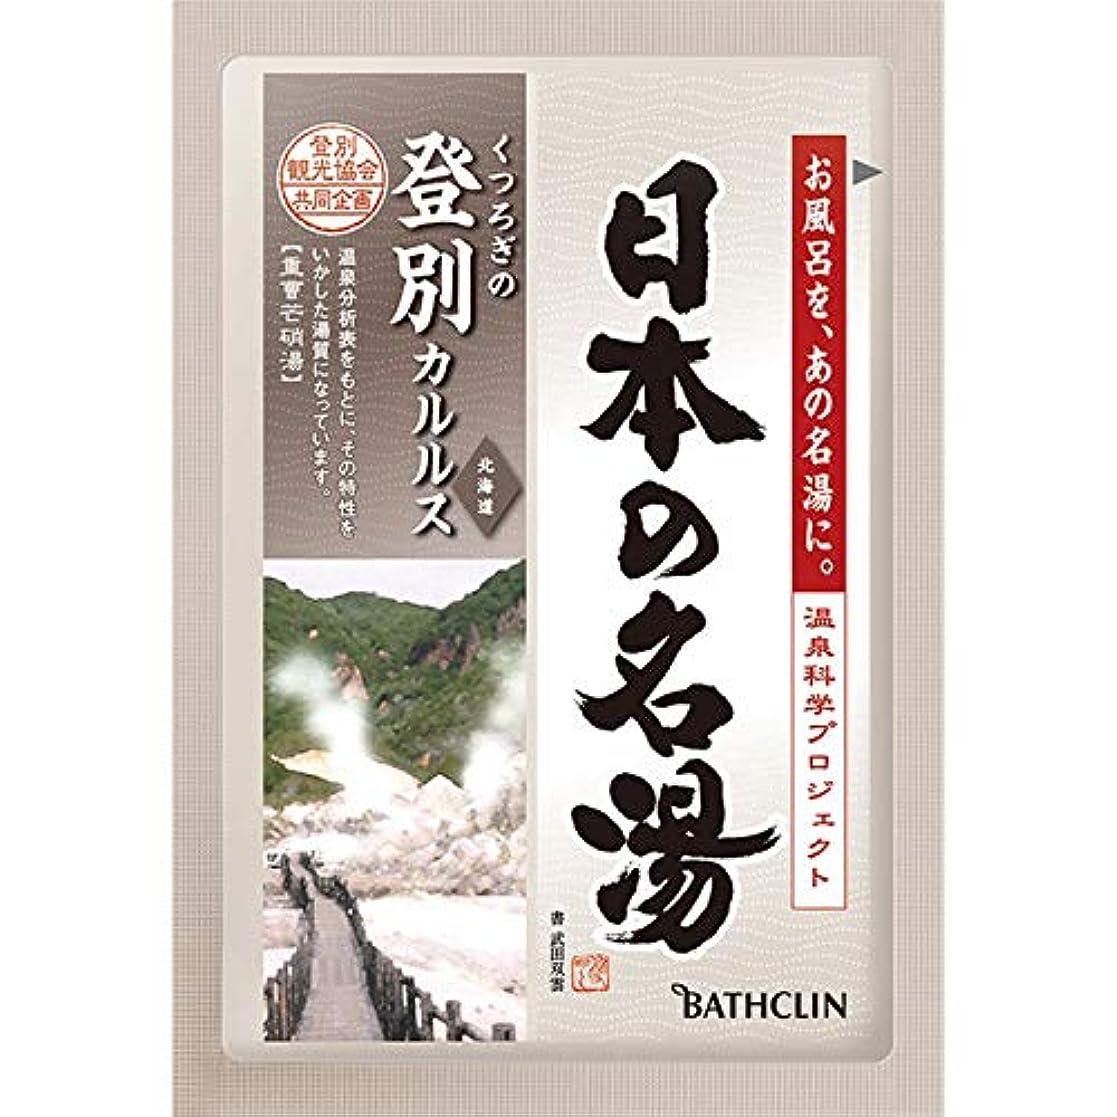 パステル土アンタゴニストバスクリン 日本の名湯 登別カルルス 30g (医薬部外品)